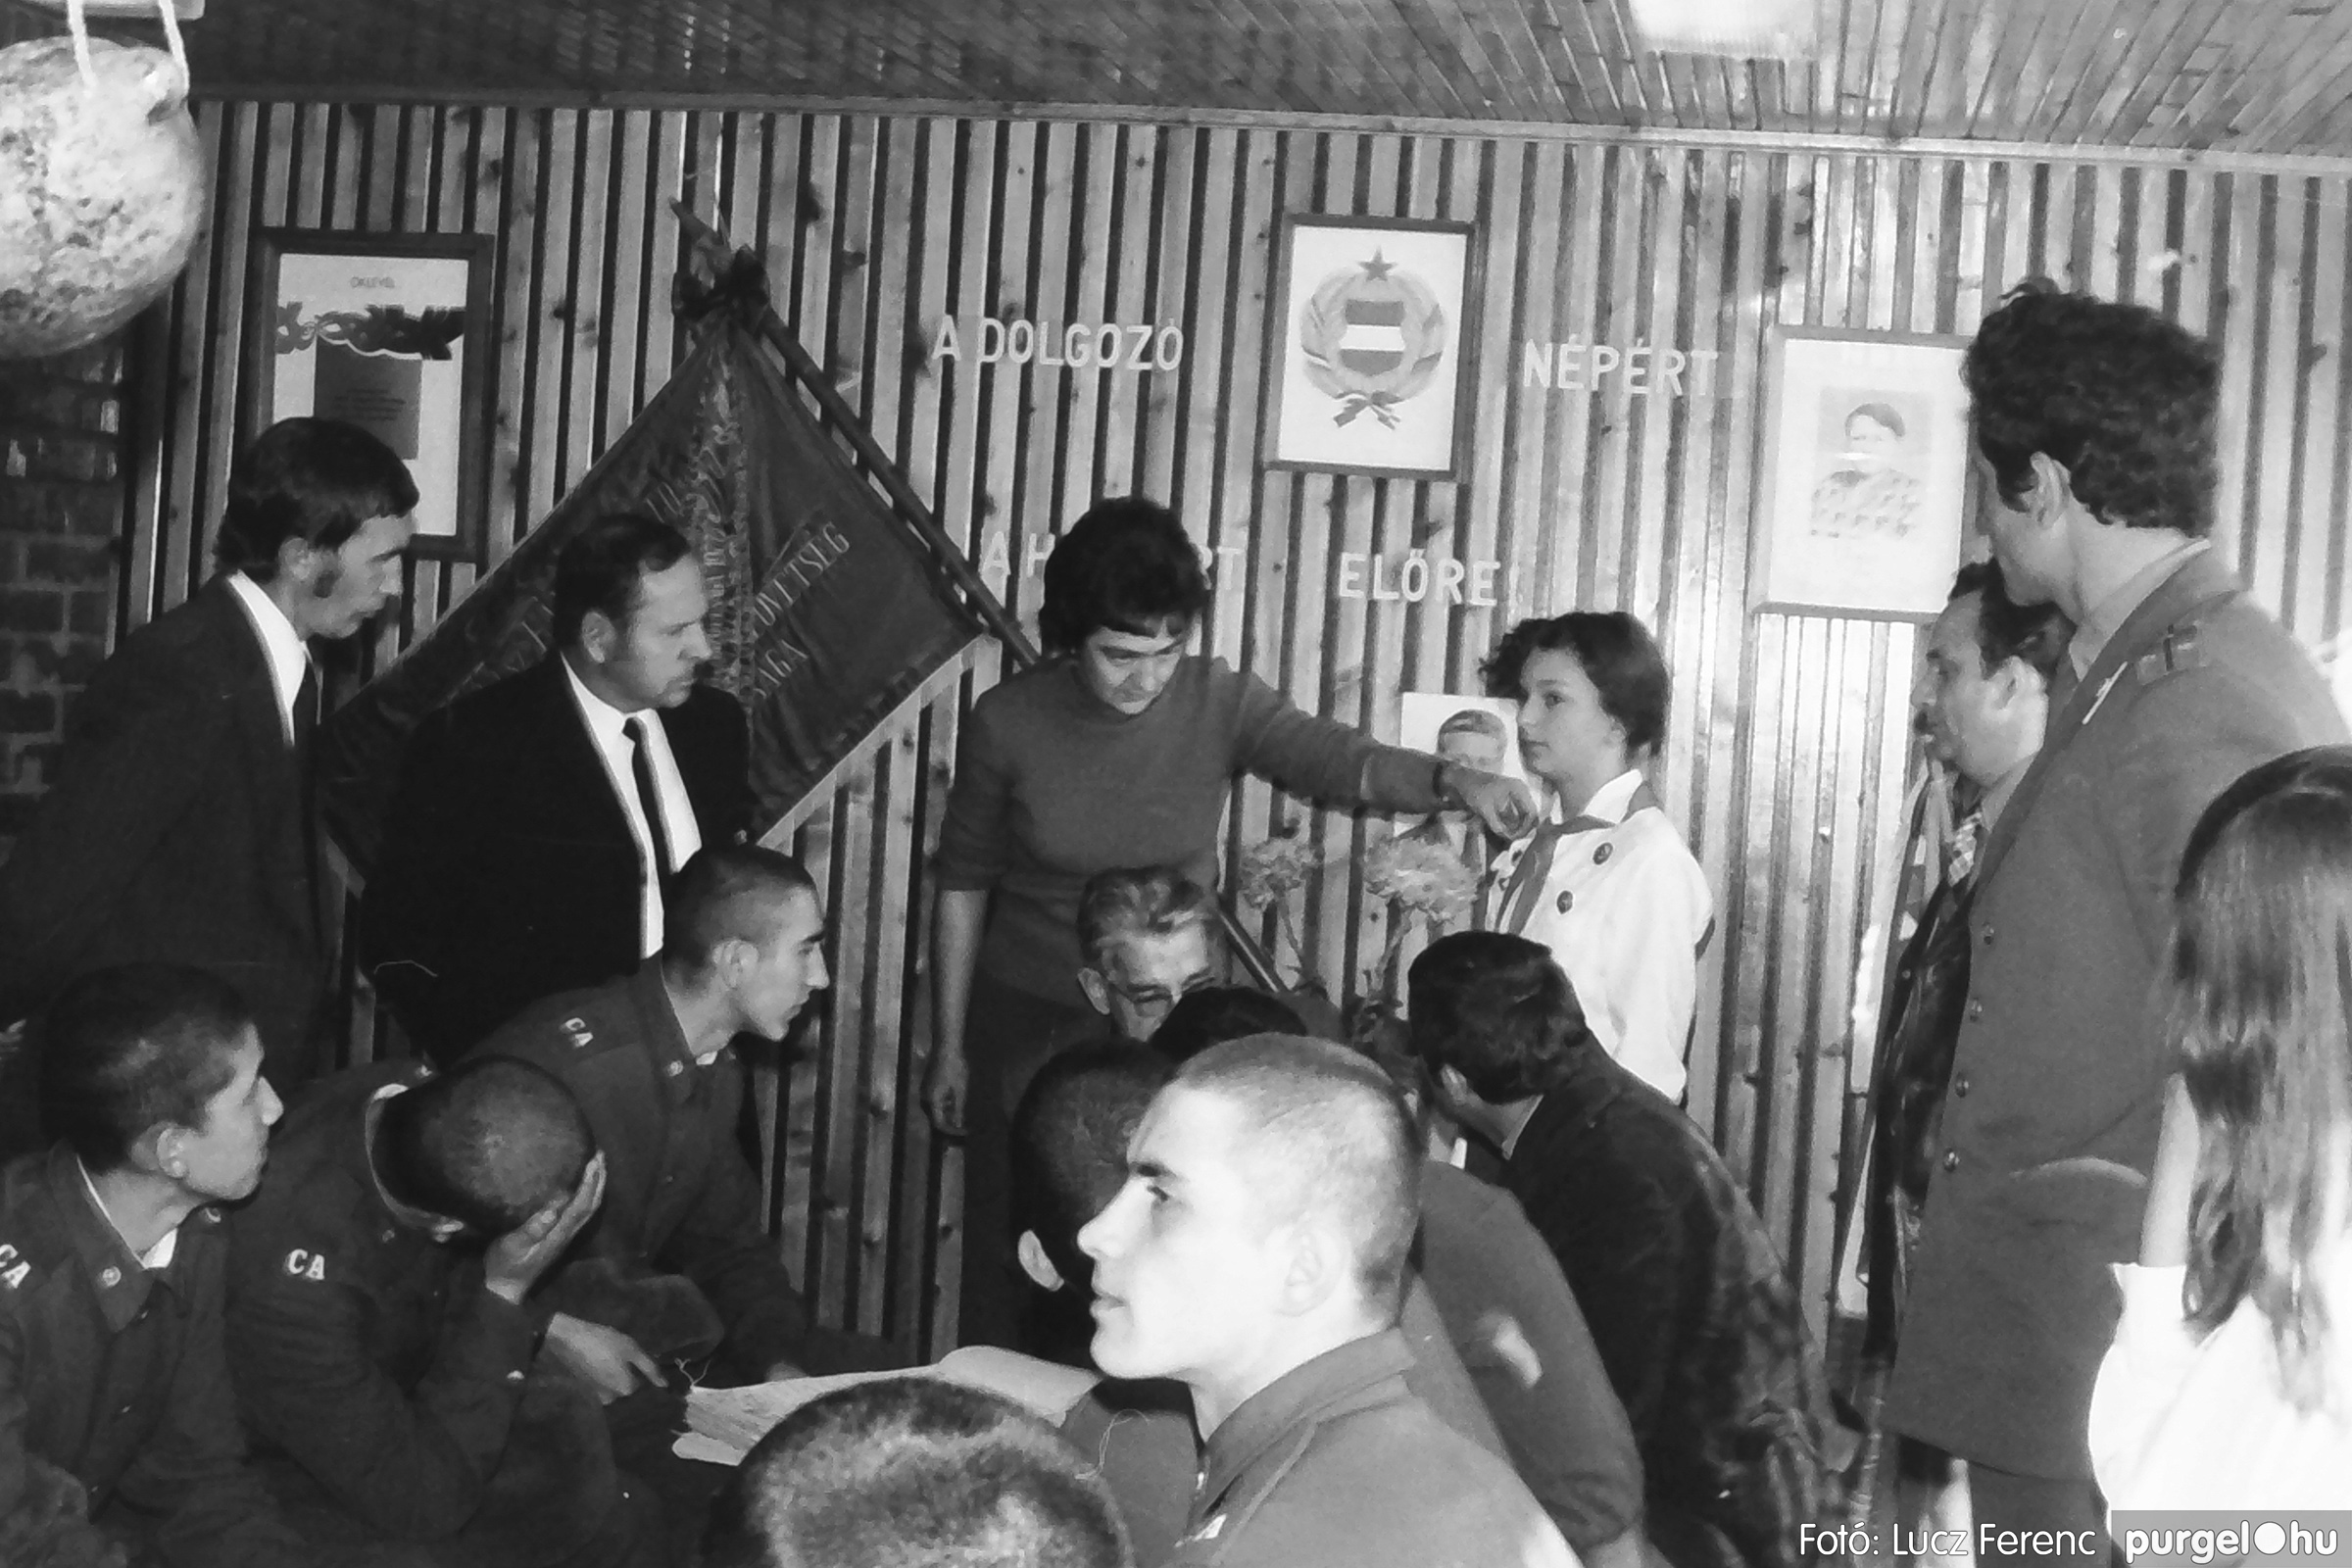 093. 1977. Szovjet katonák látogatása a nagy októberi szocialista forradalom 60. évfordulóján 012. - Fotó: Lucz Ferenc.jpg